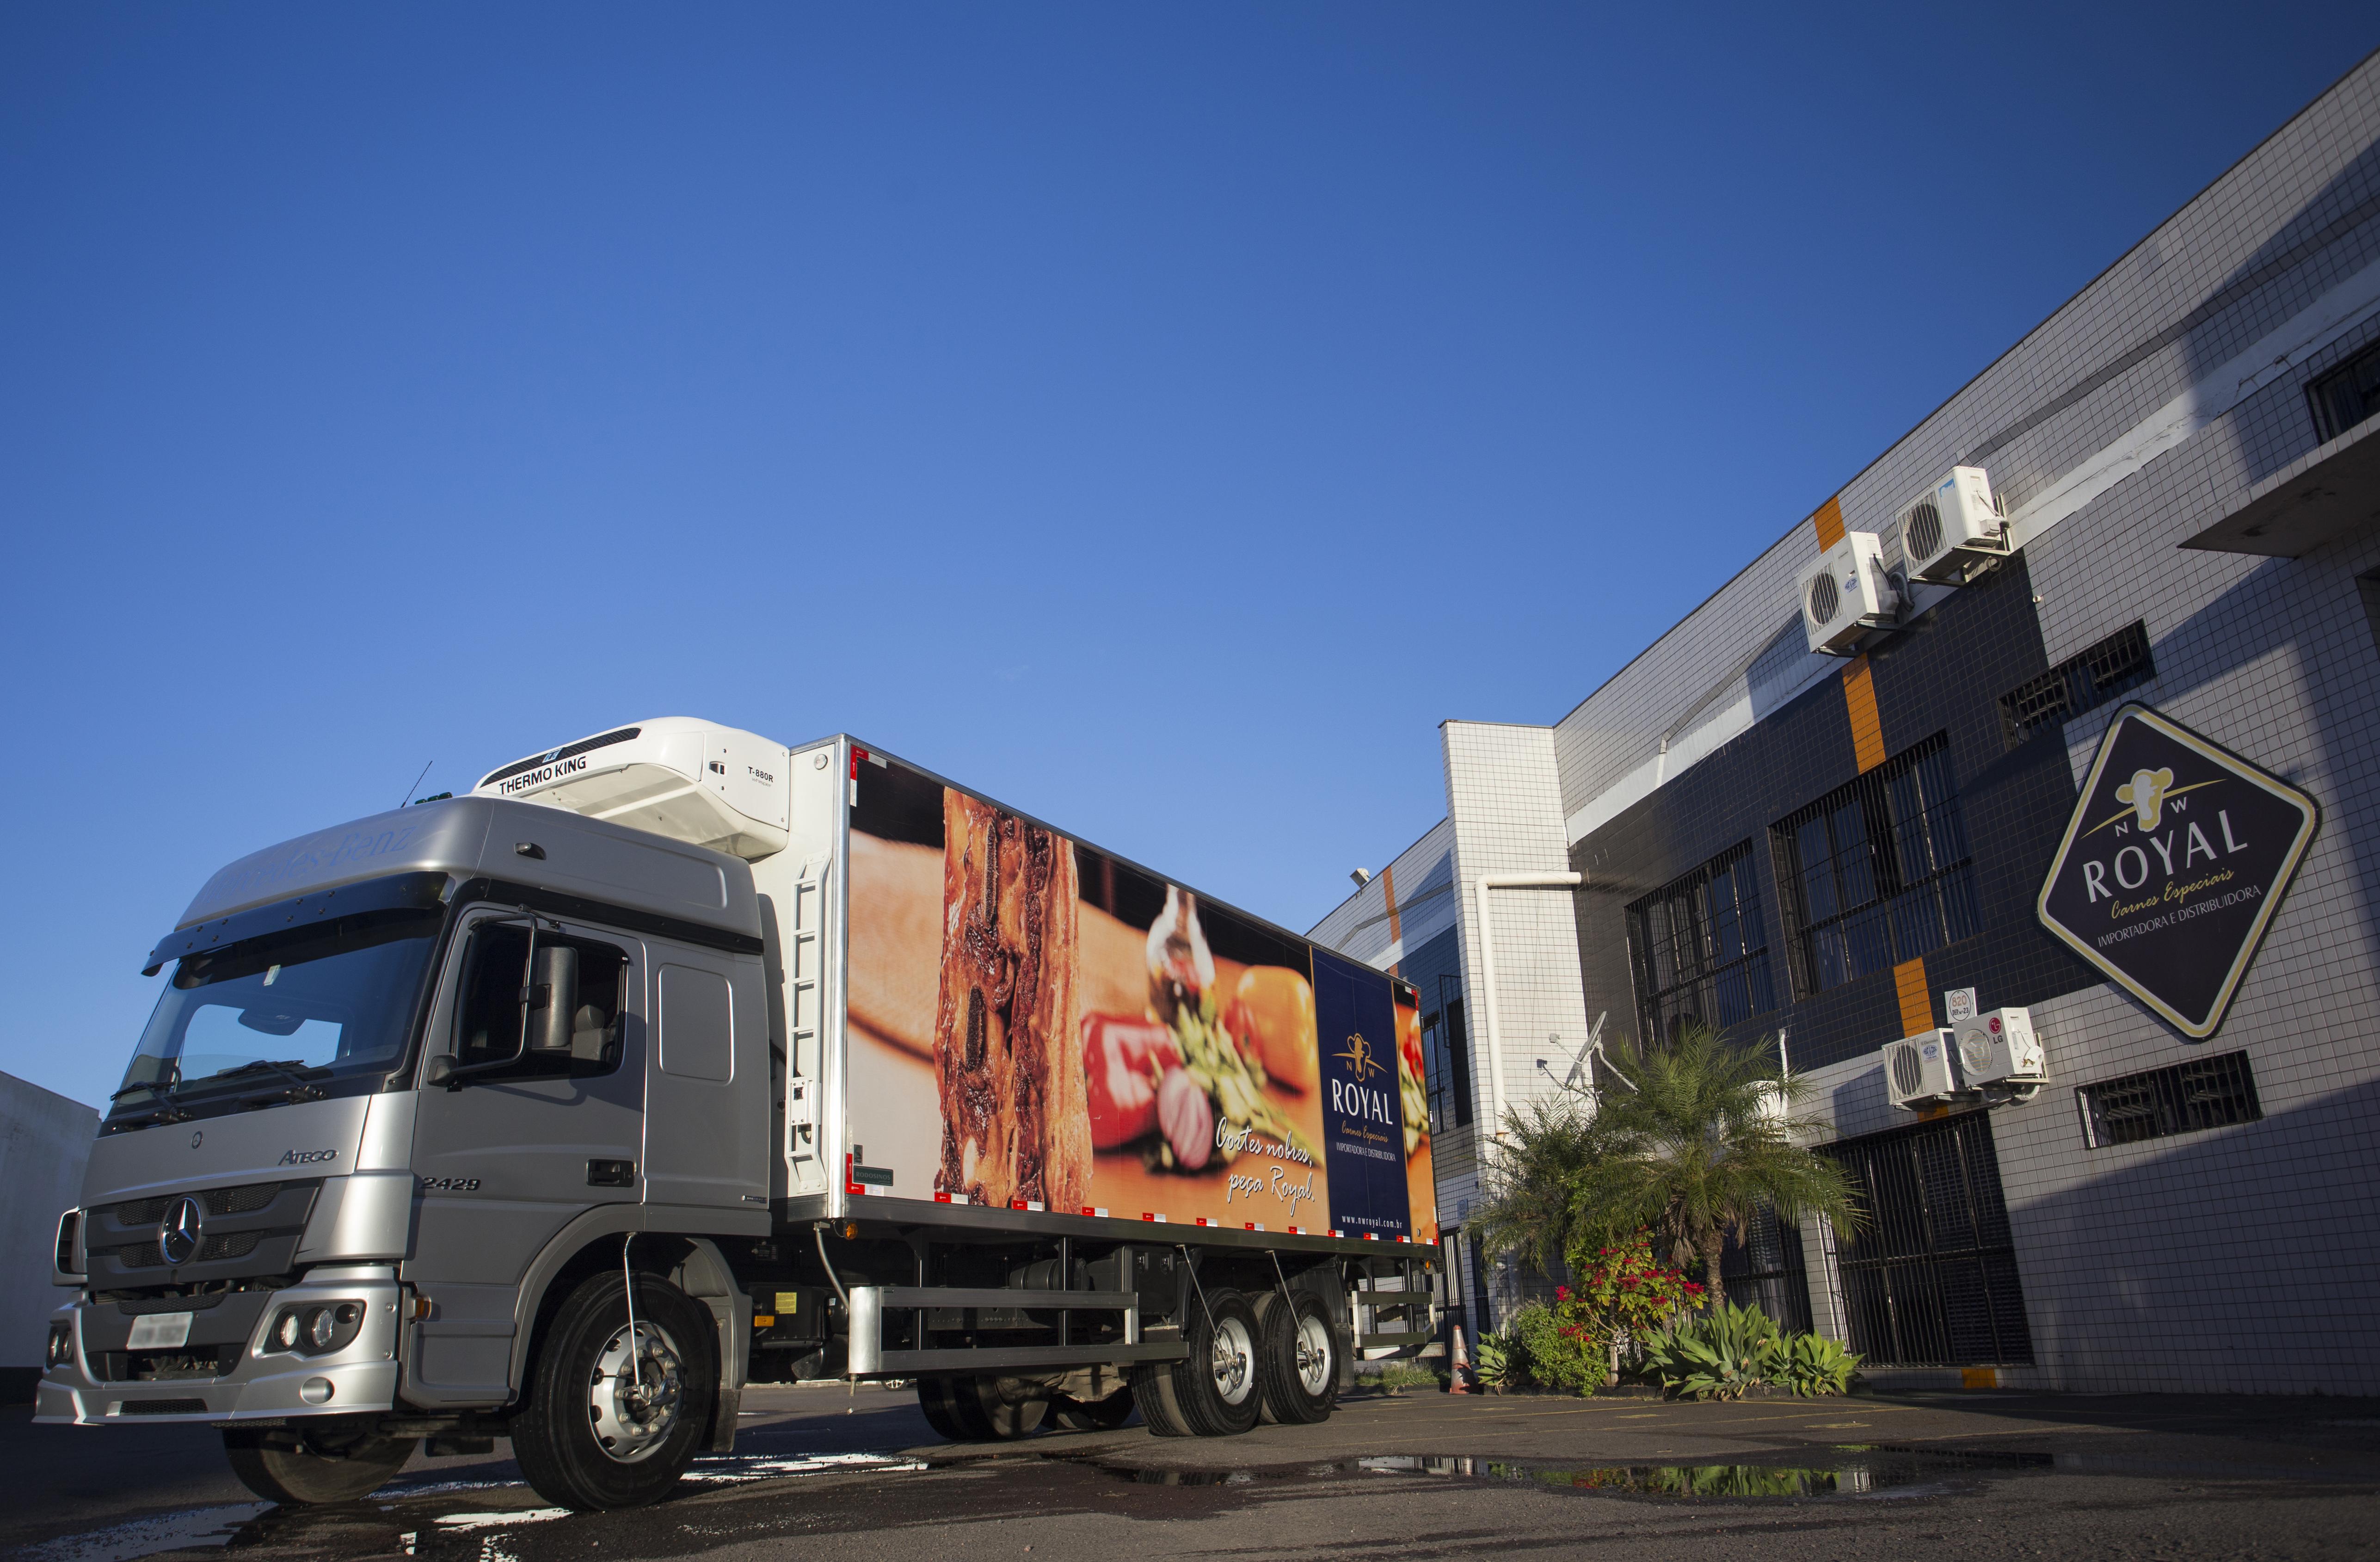 Caminhão da distribuidora NW Royal em frente a empresa.